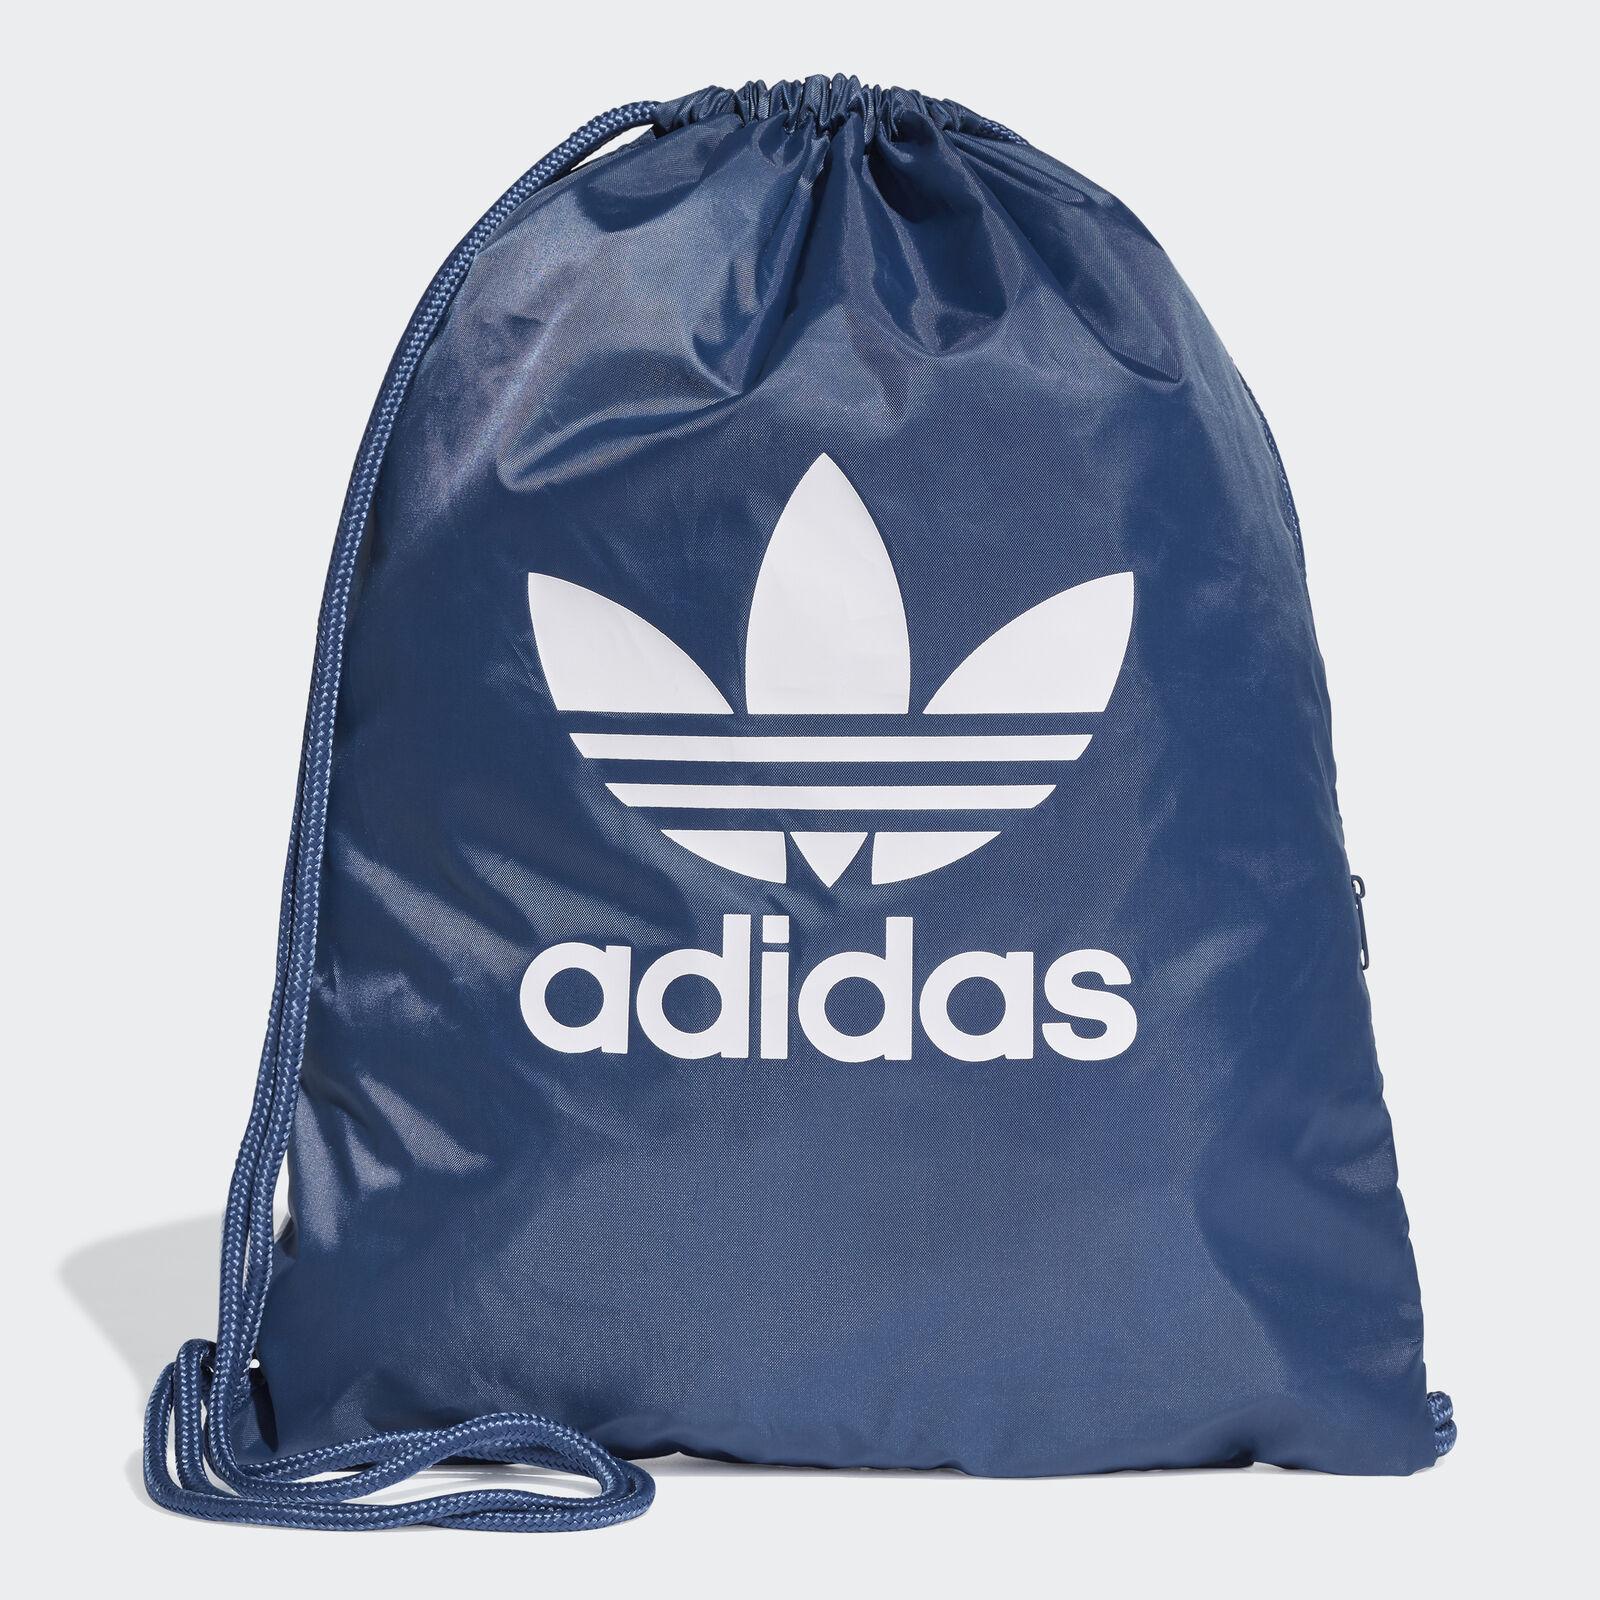 adidas Originals Trefoil Sportbeutel navy für 6,40€ [Ebay Deal]